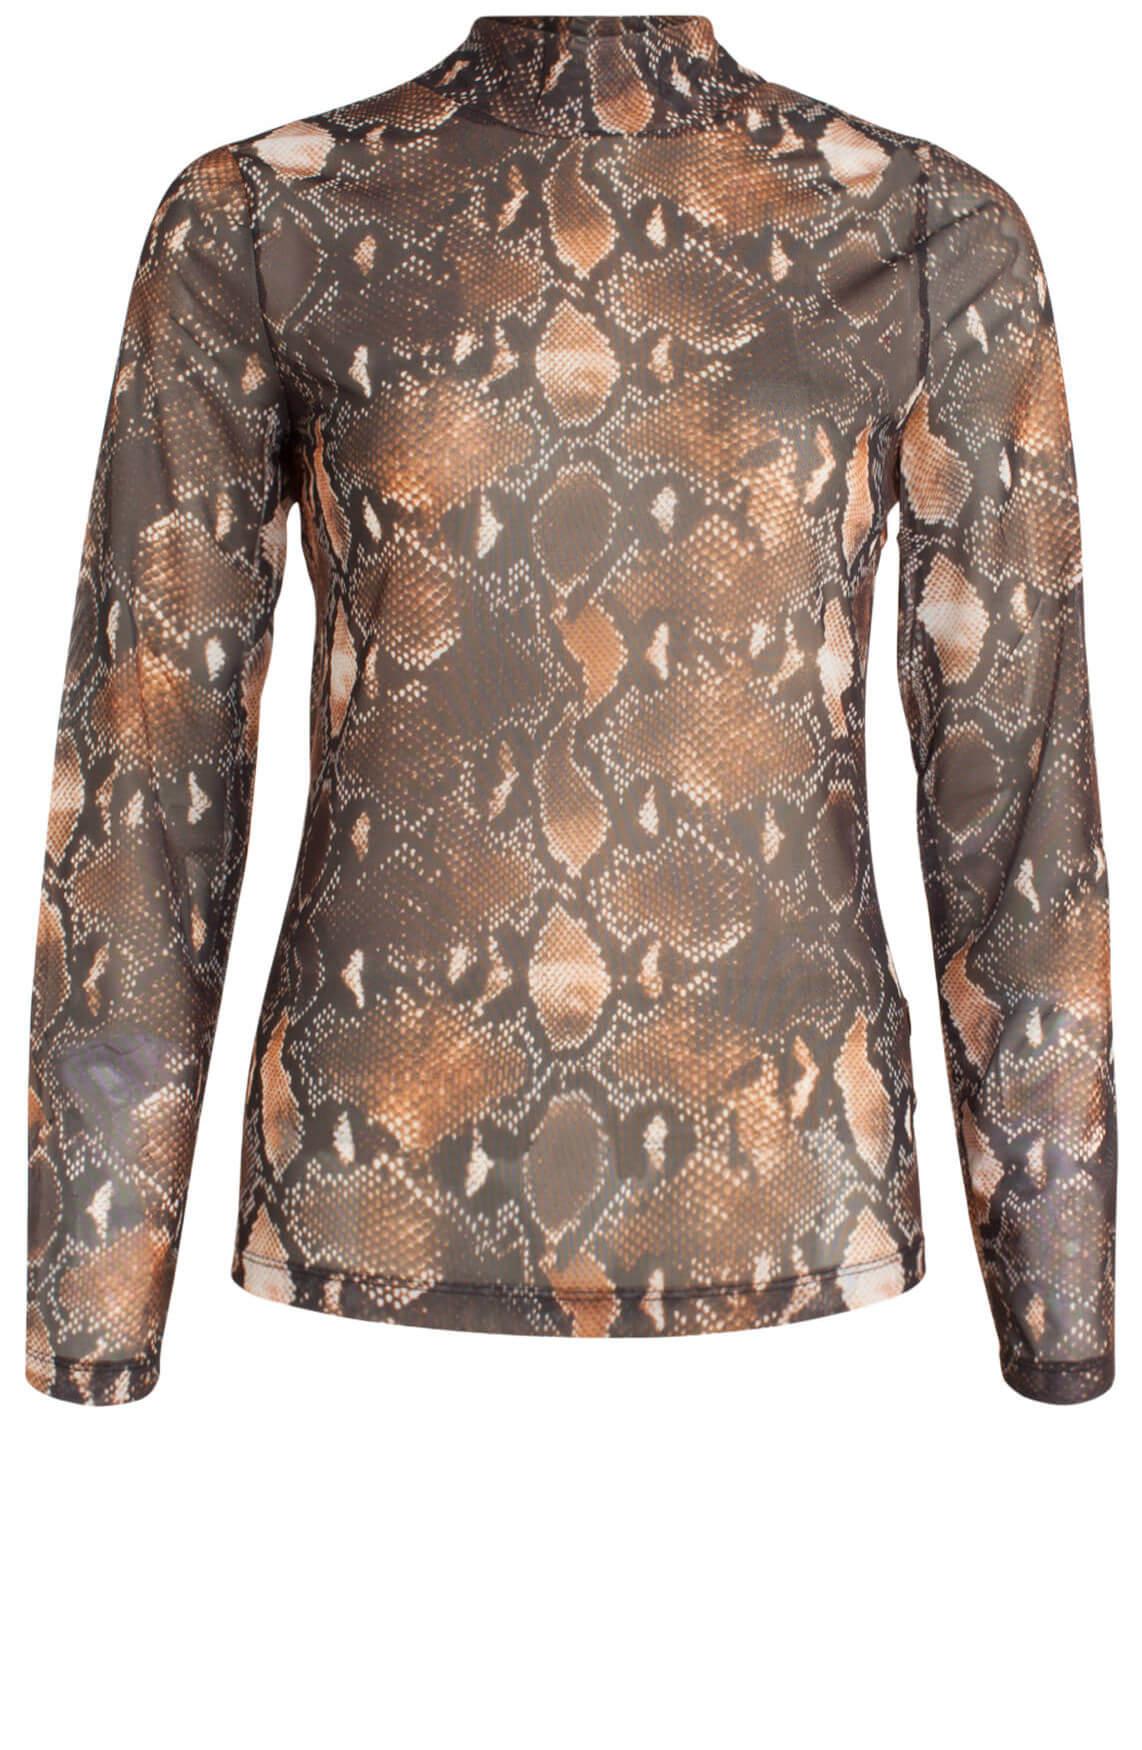 Anna Dames Mesh shirt met reptielprint Bruin